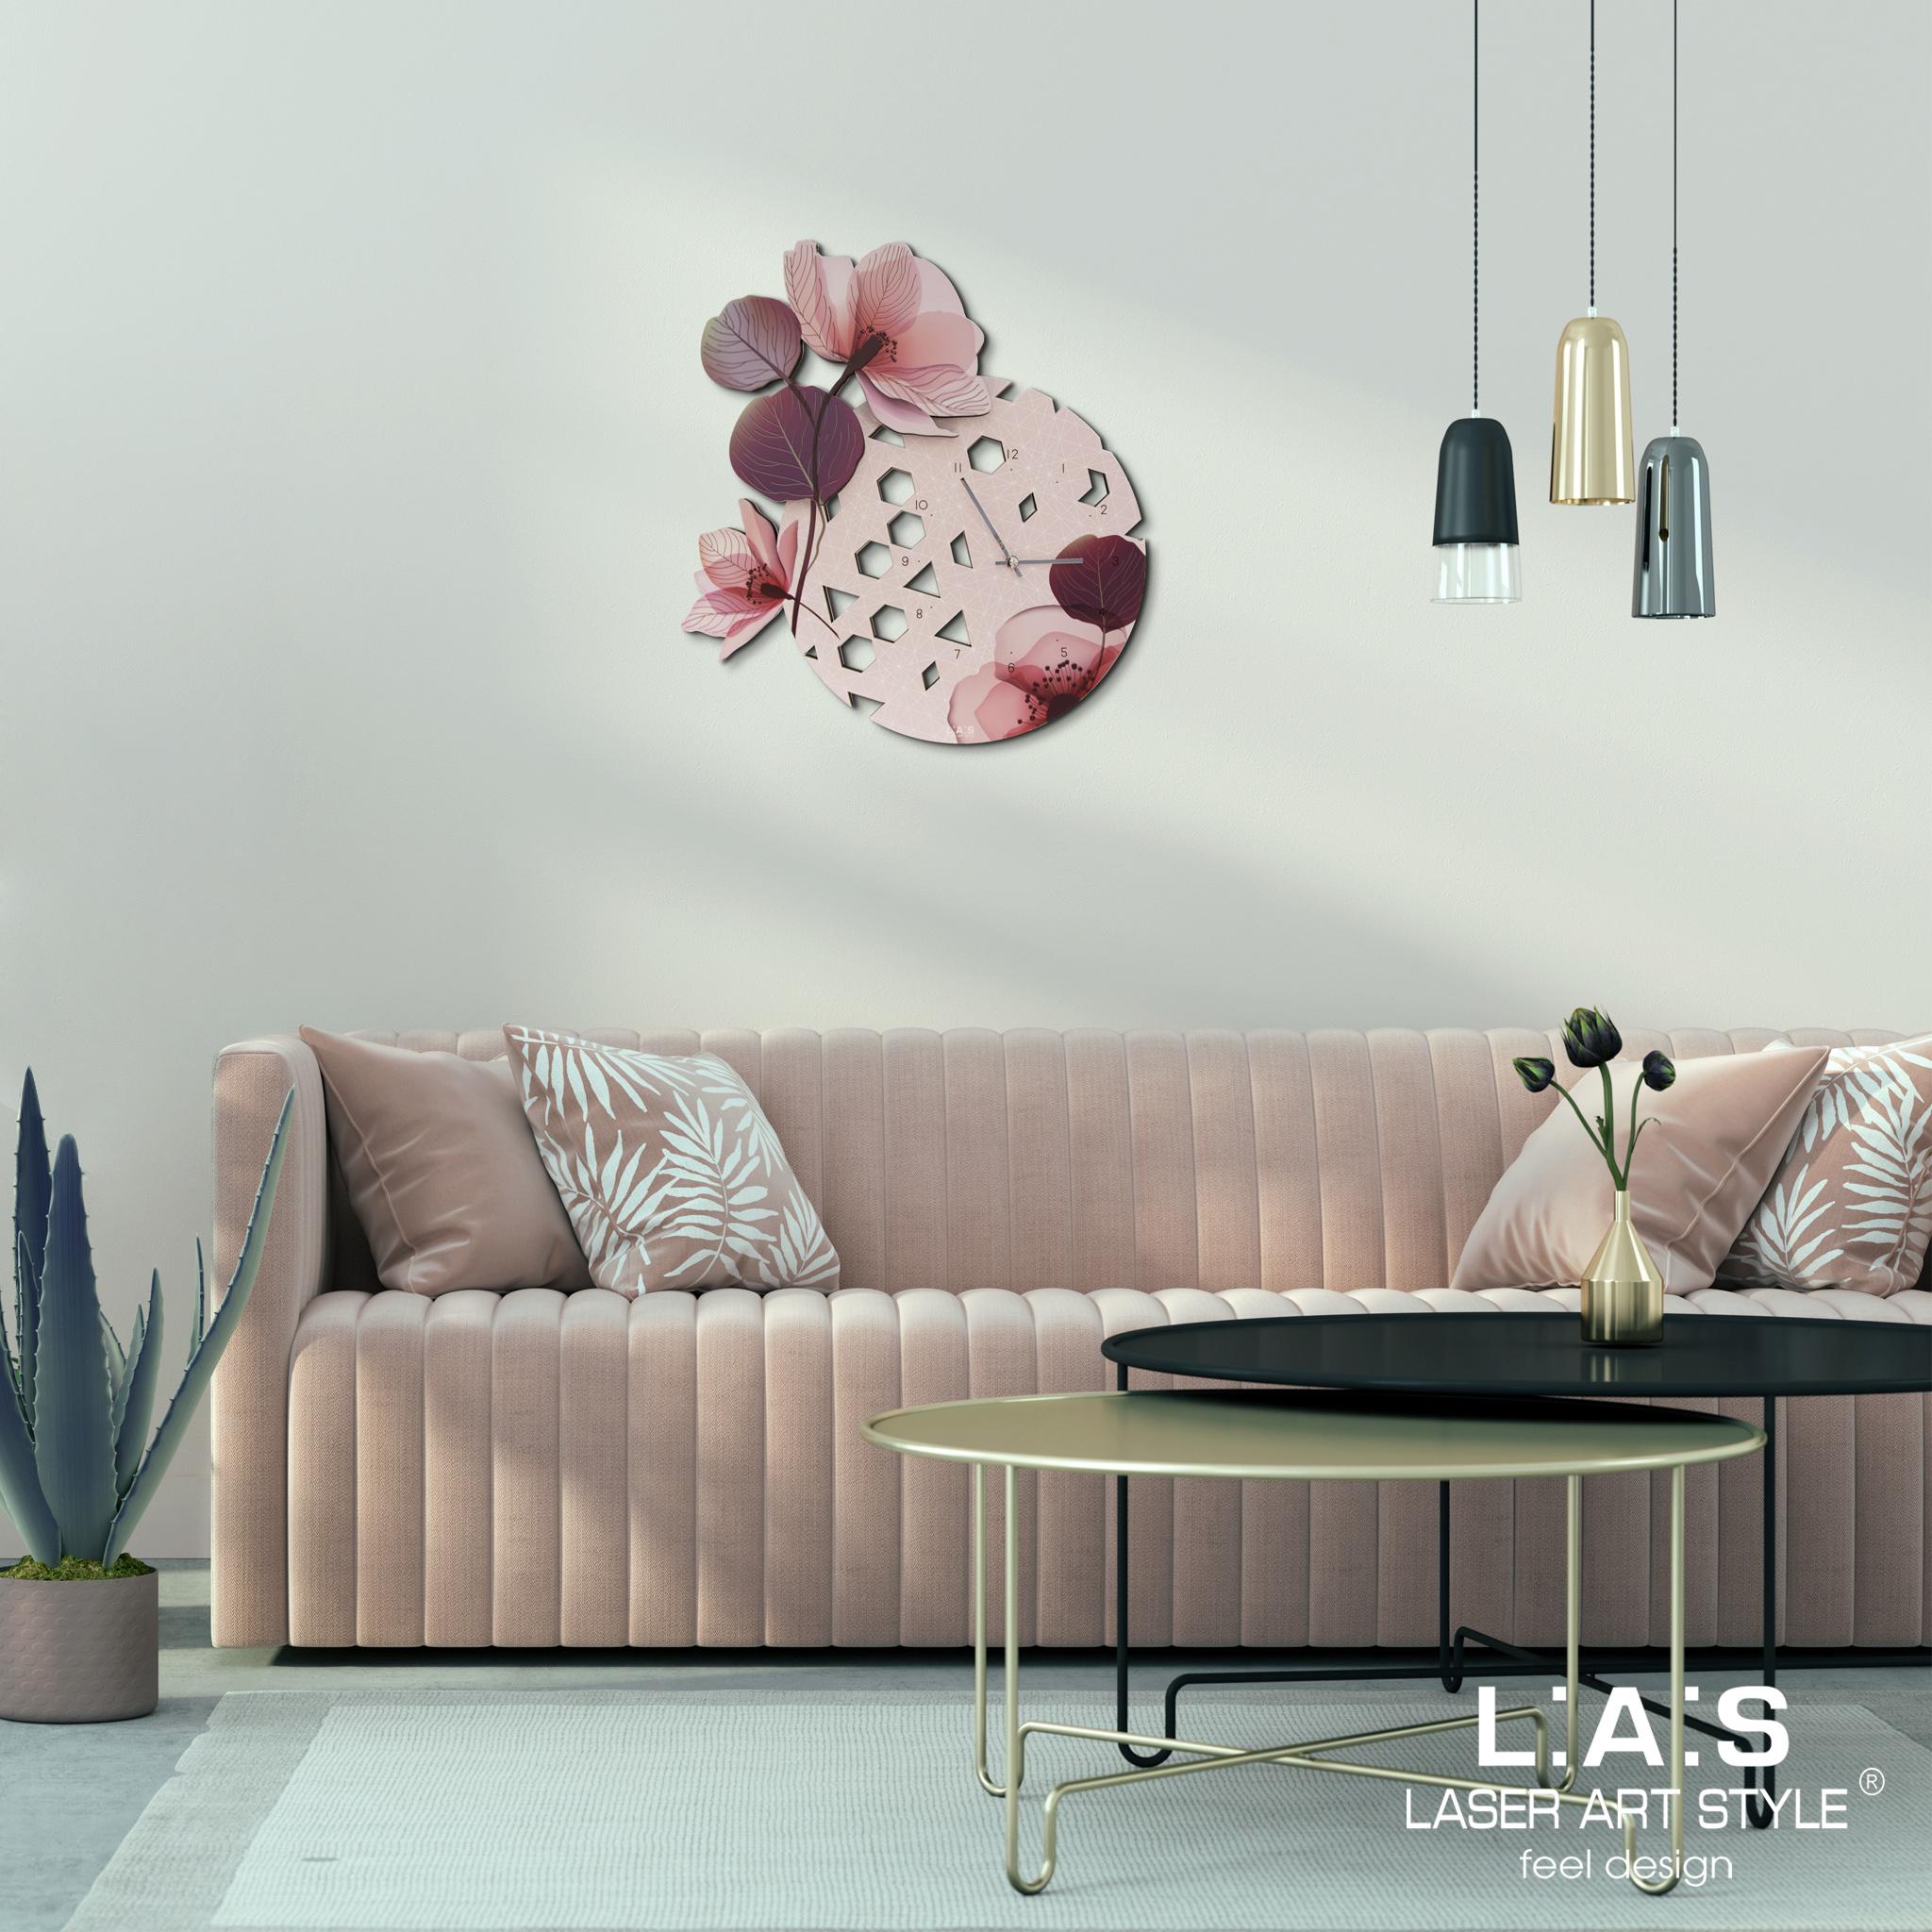 L:A:S - Laser Art Style - OROLOGIO DA PARETE DESIGN MODERNO E FLOREALE – SI-538-L ROSA